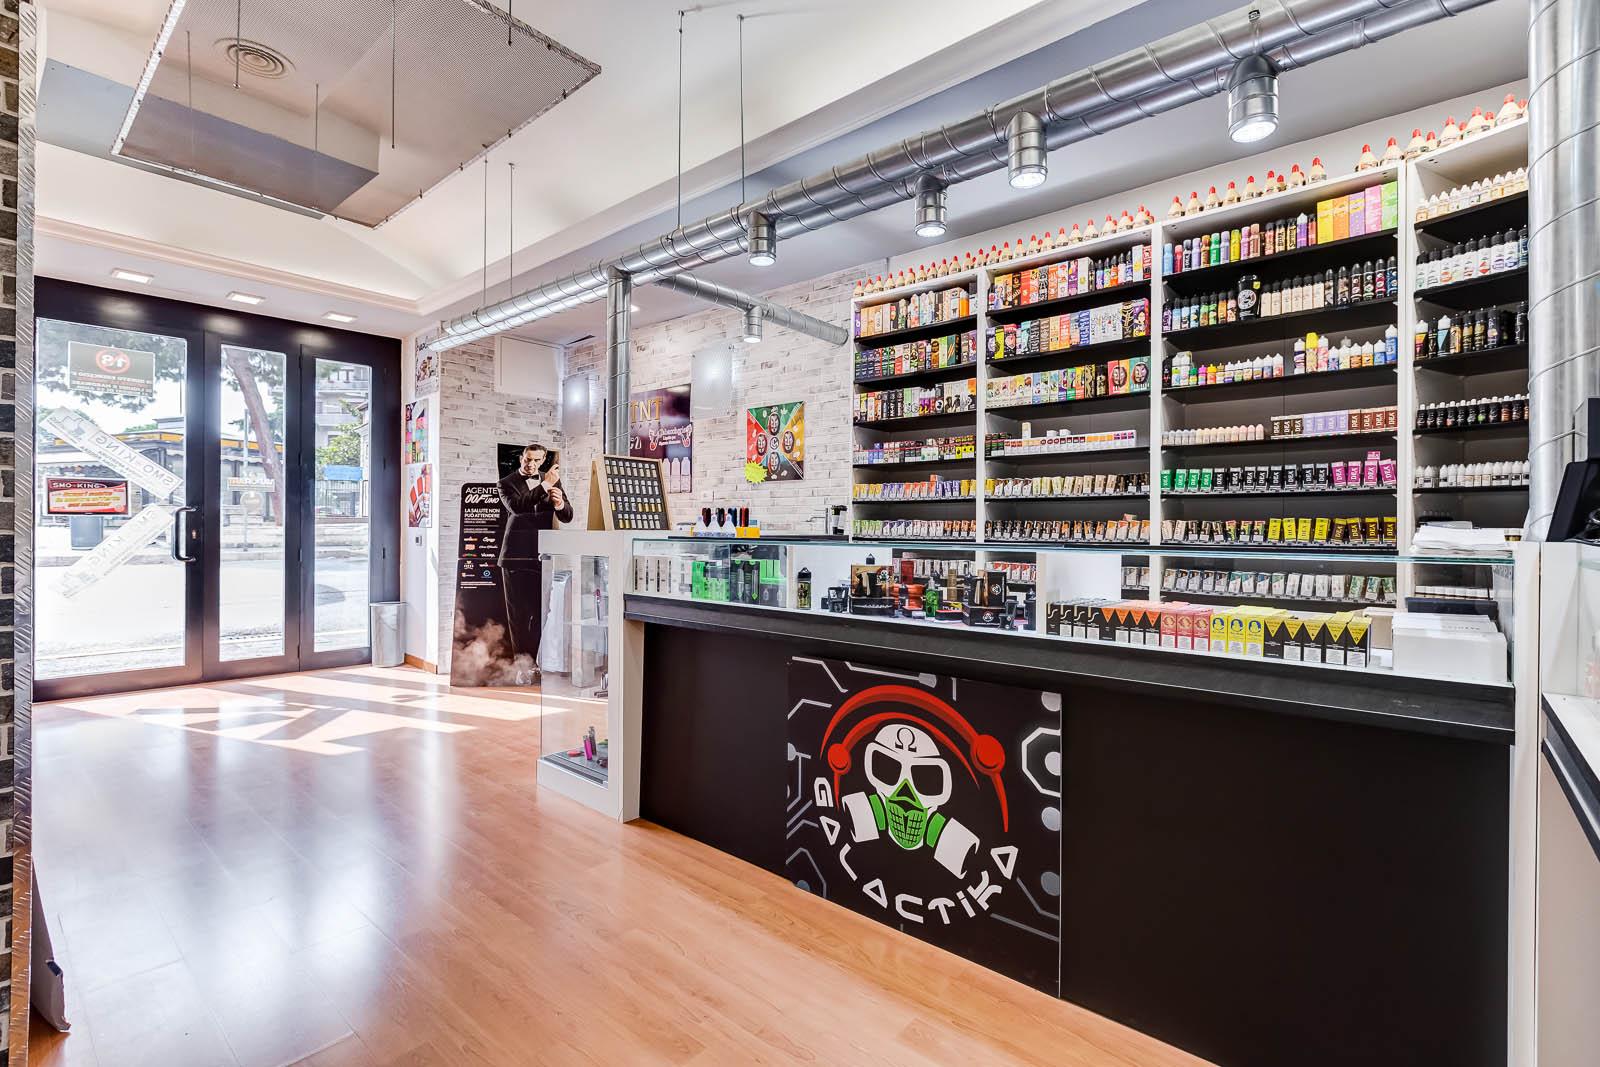 smettere di fumare negozio di sigarette elettroniche roma